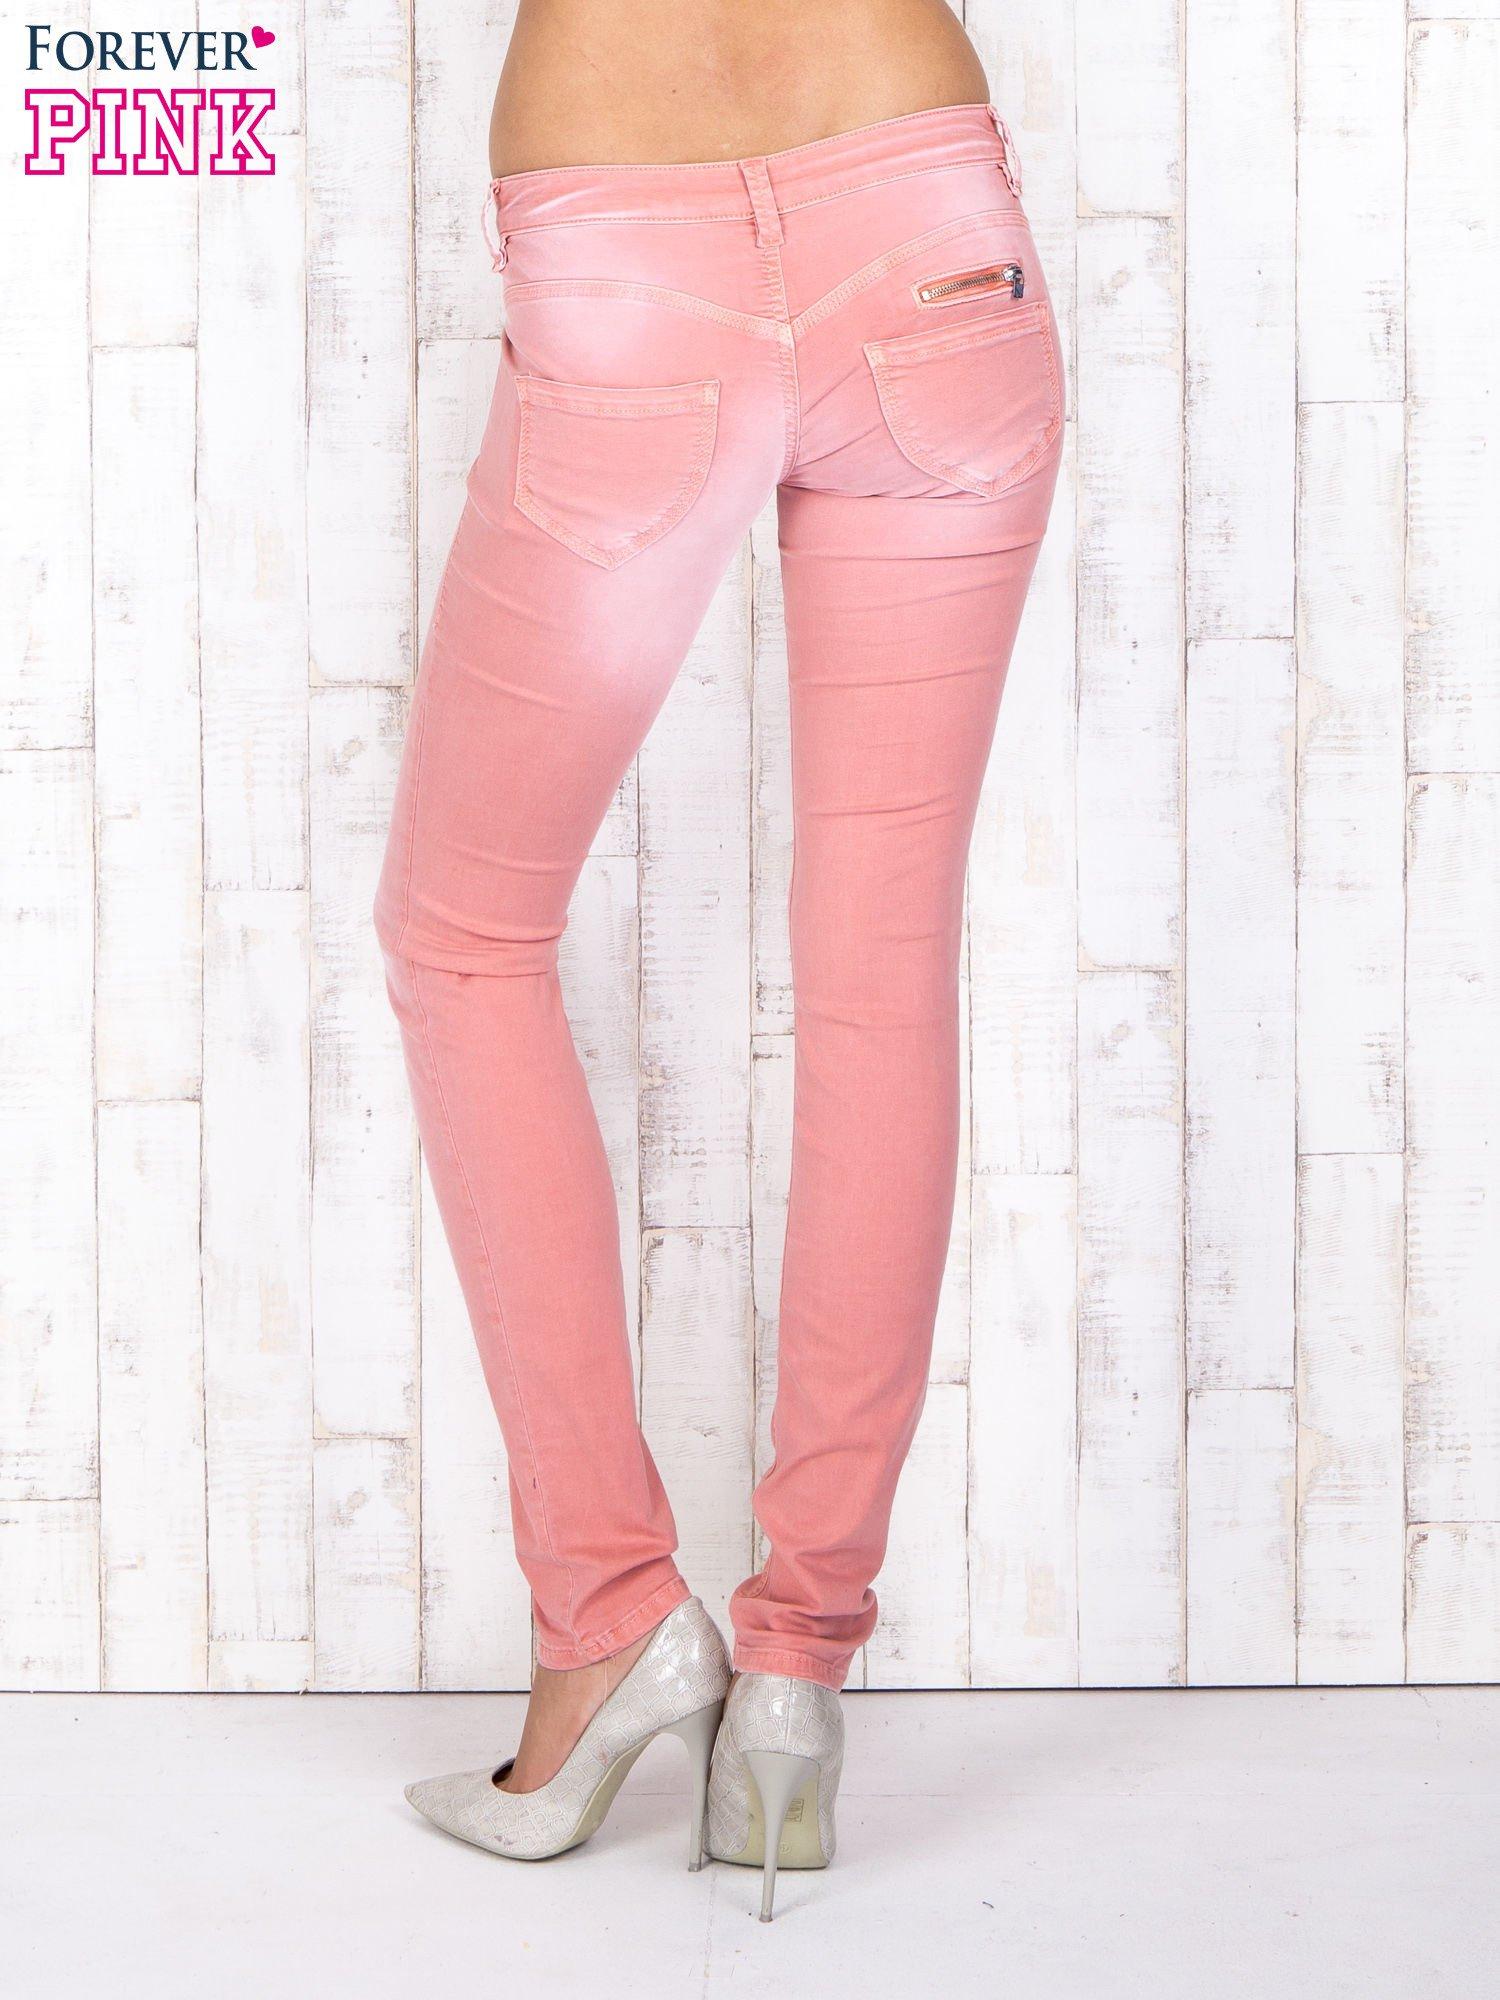 Koralowe materiałowe spodnie skinny z zasuwanymi kieszonkami                                  zdj.                                  2